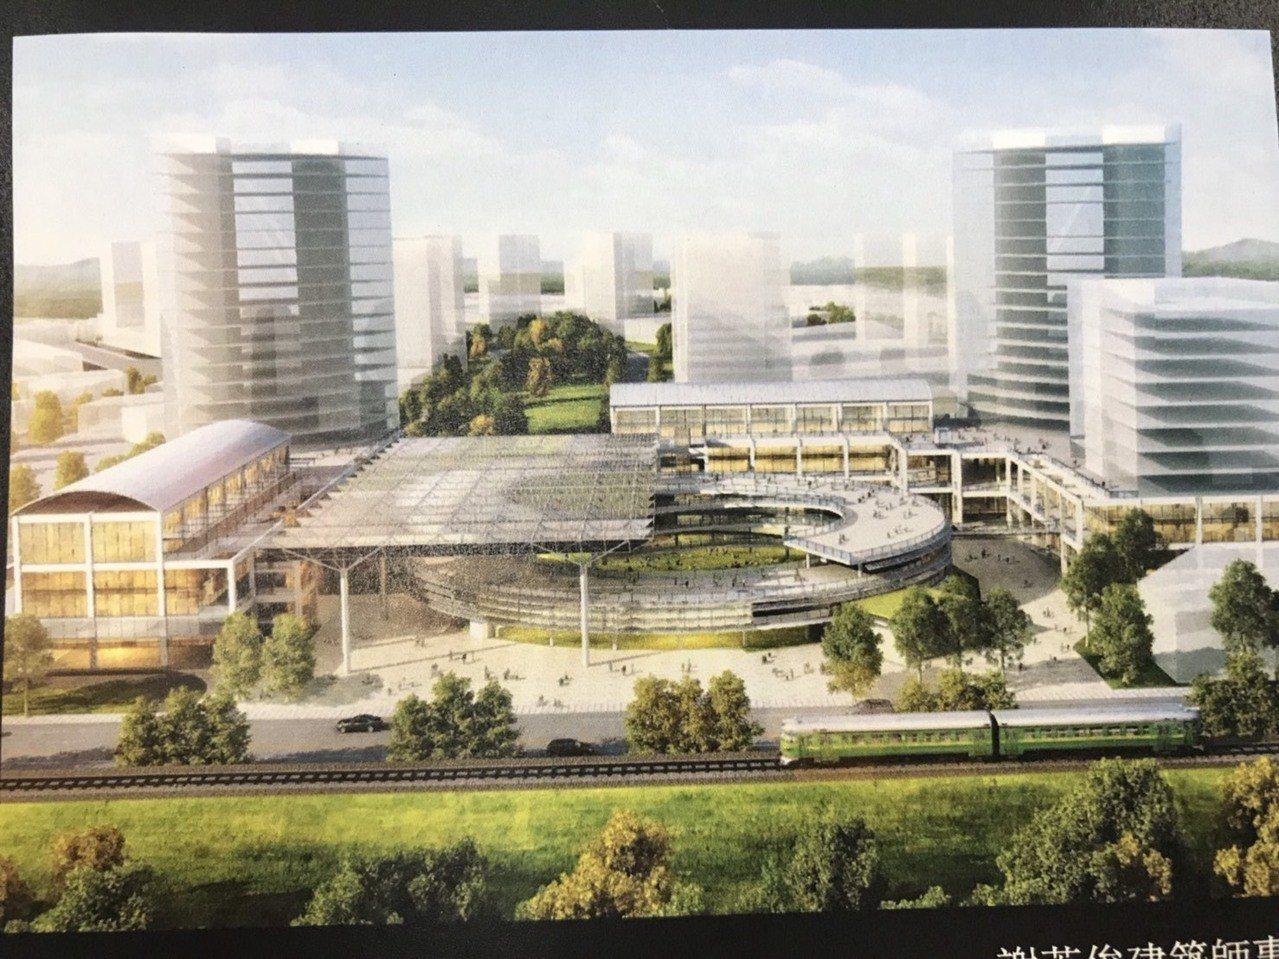 交旅處指出,交通部已核定補助竹東交通轉運站興建工程經費,此為示意圖。圖/縣府提供